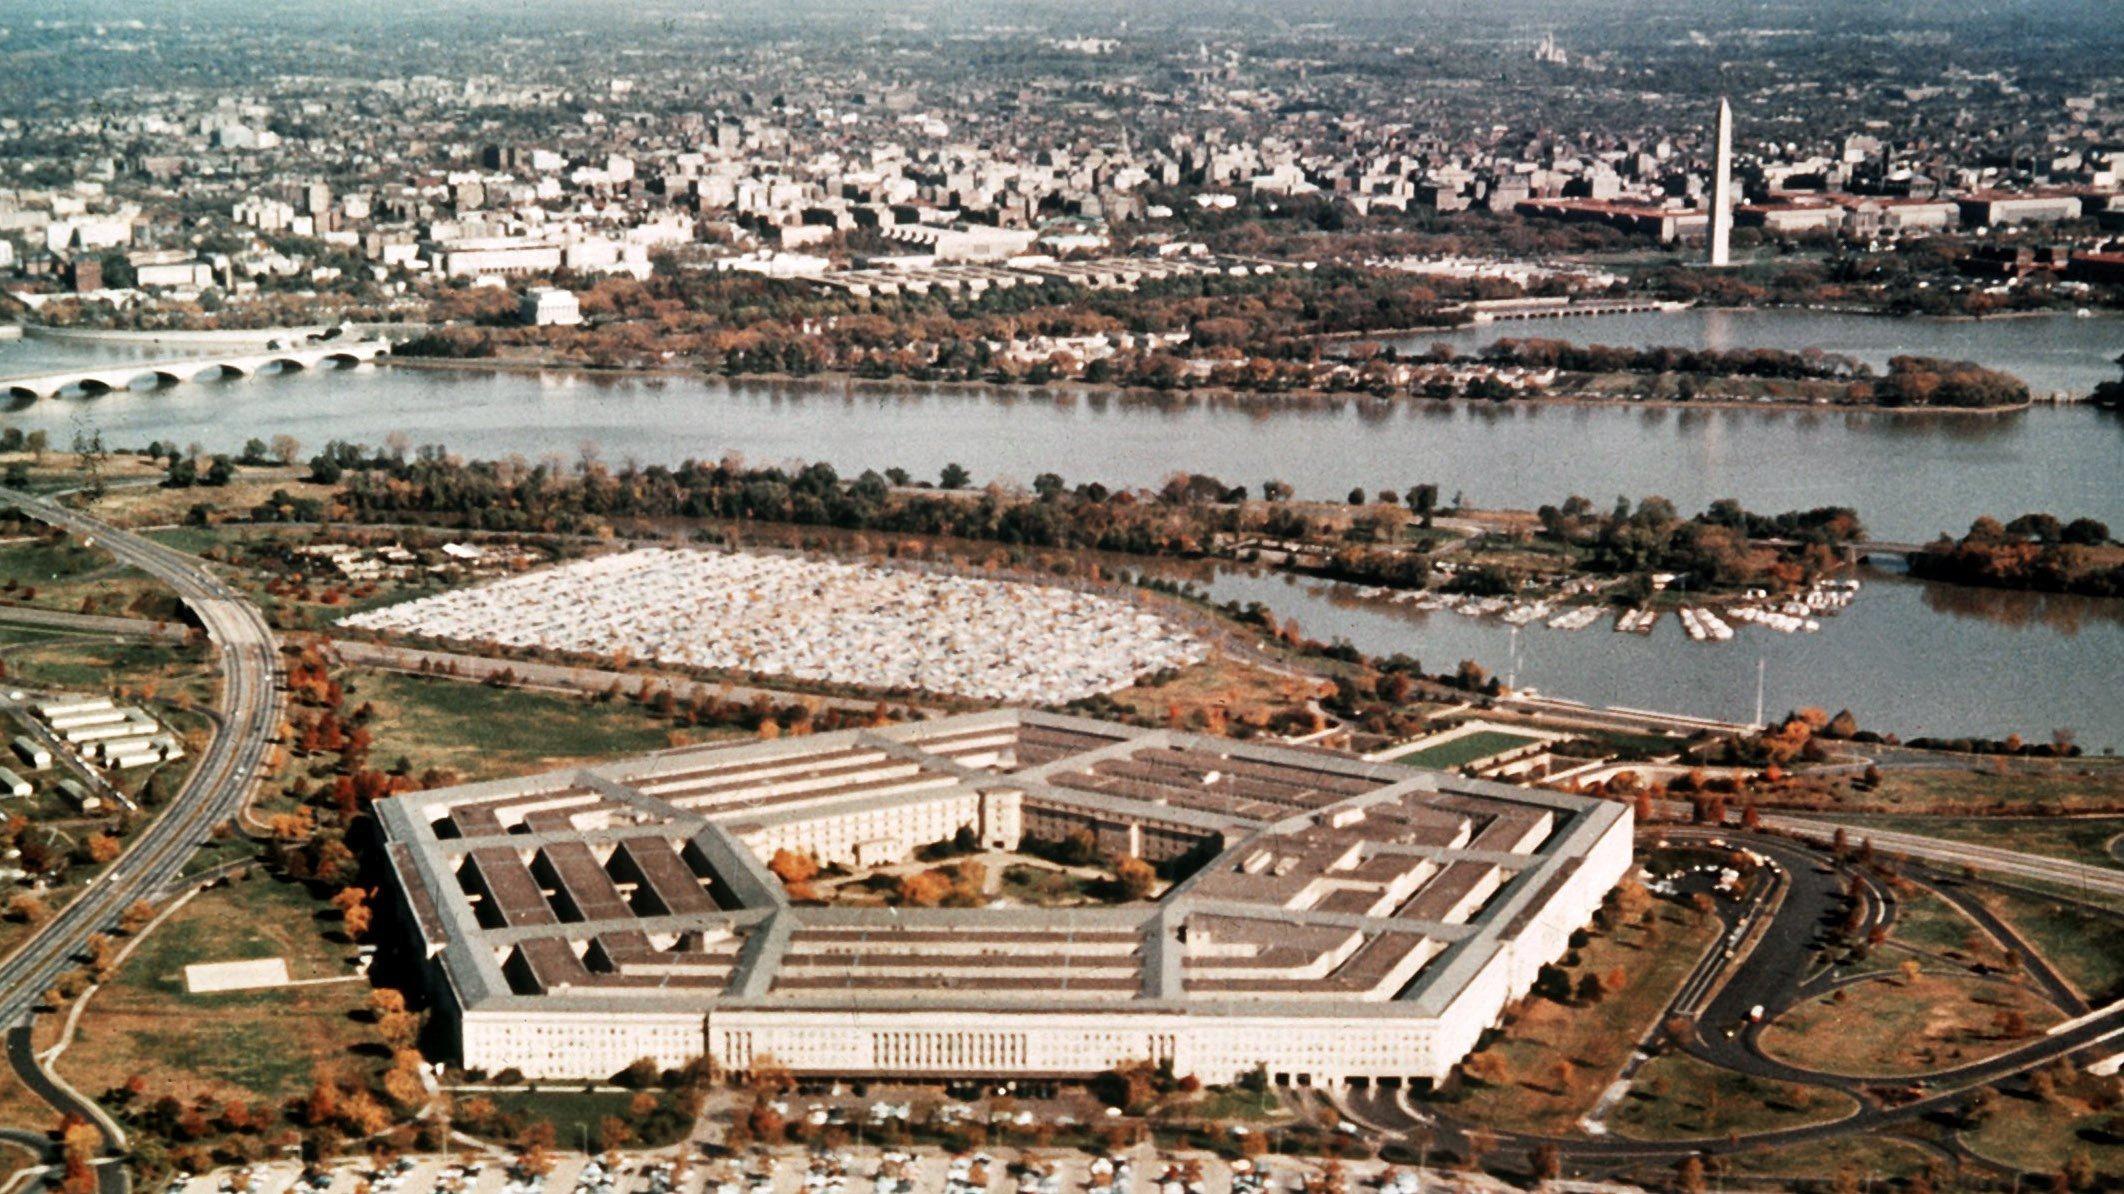 Wsj, Pentagono studia nuovi missili